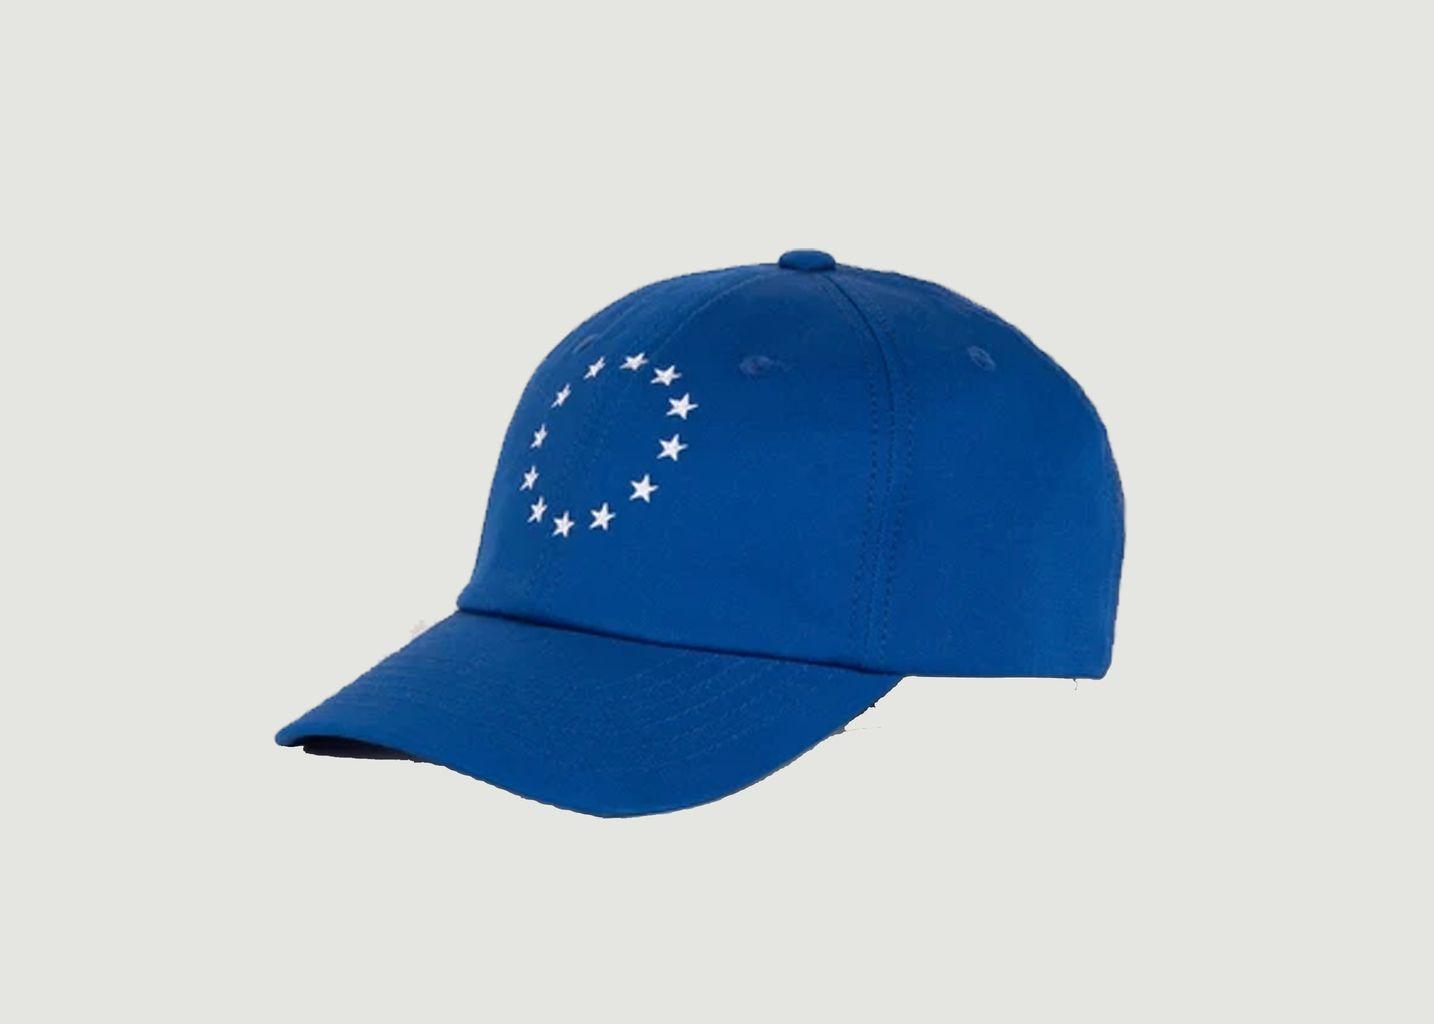 Casquette Booster Europa - Études